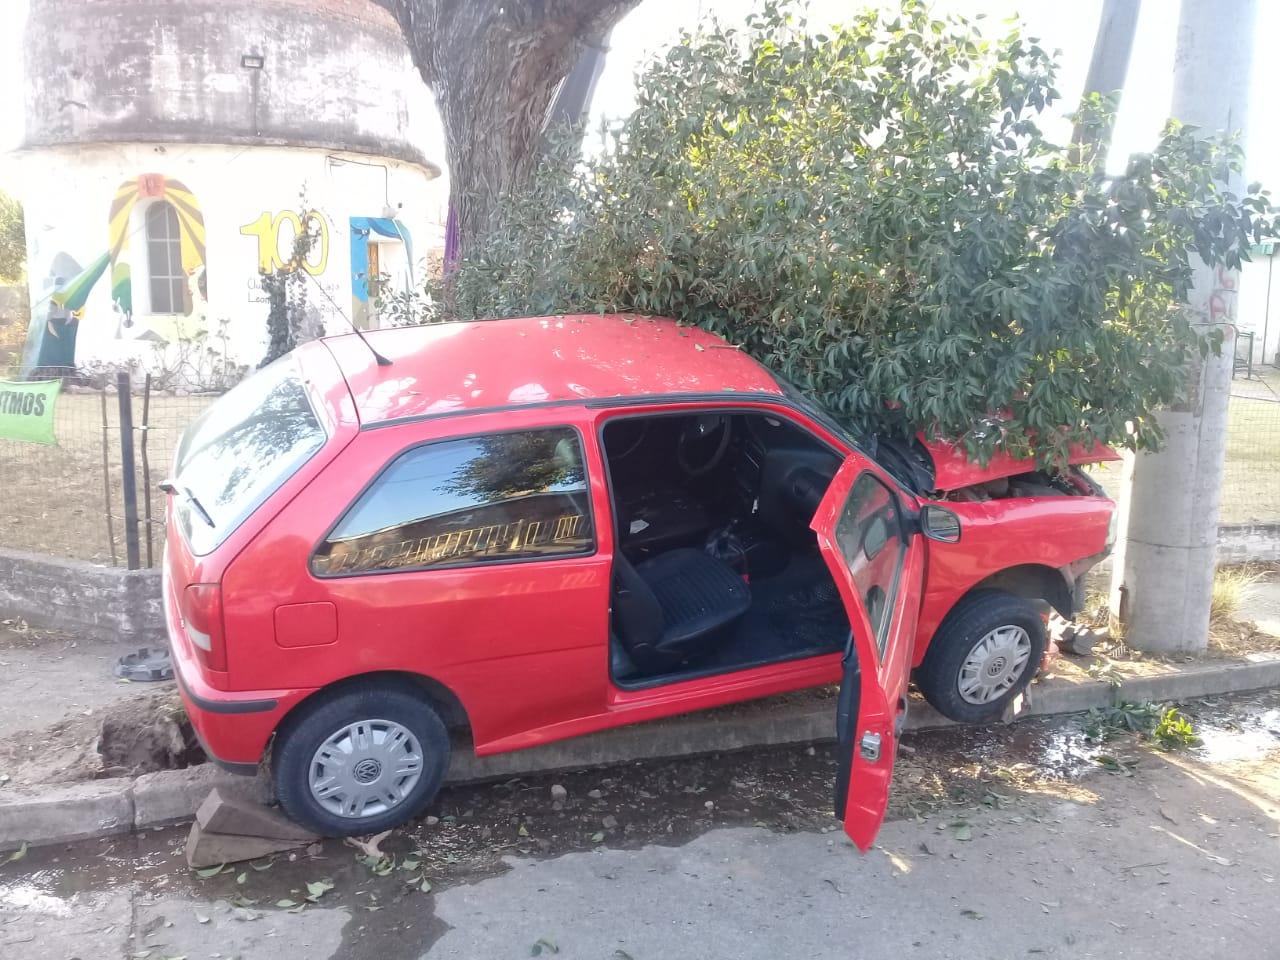 Carlos Paz: Intentó esquivar un auto y chocó contra un árbol